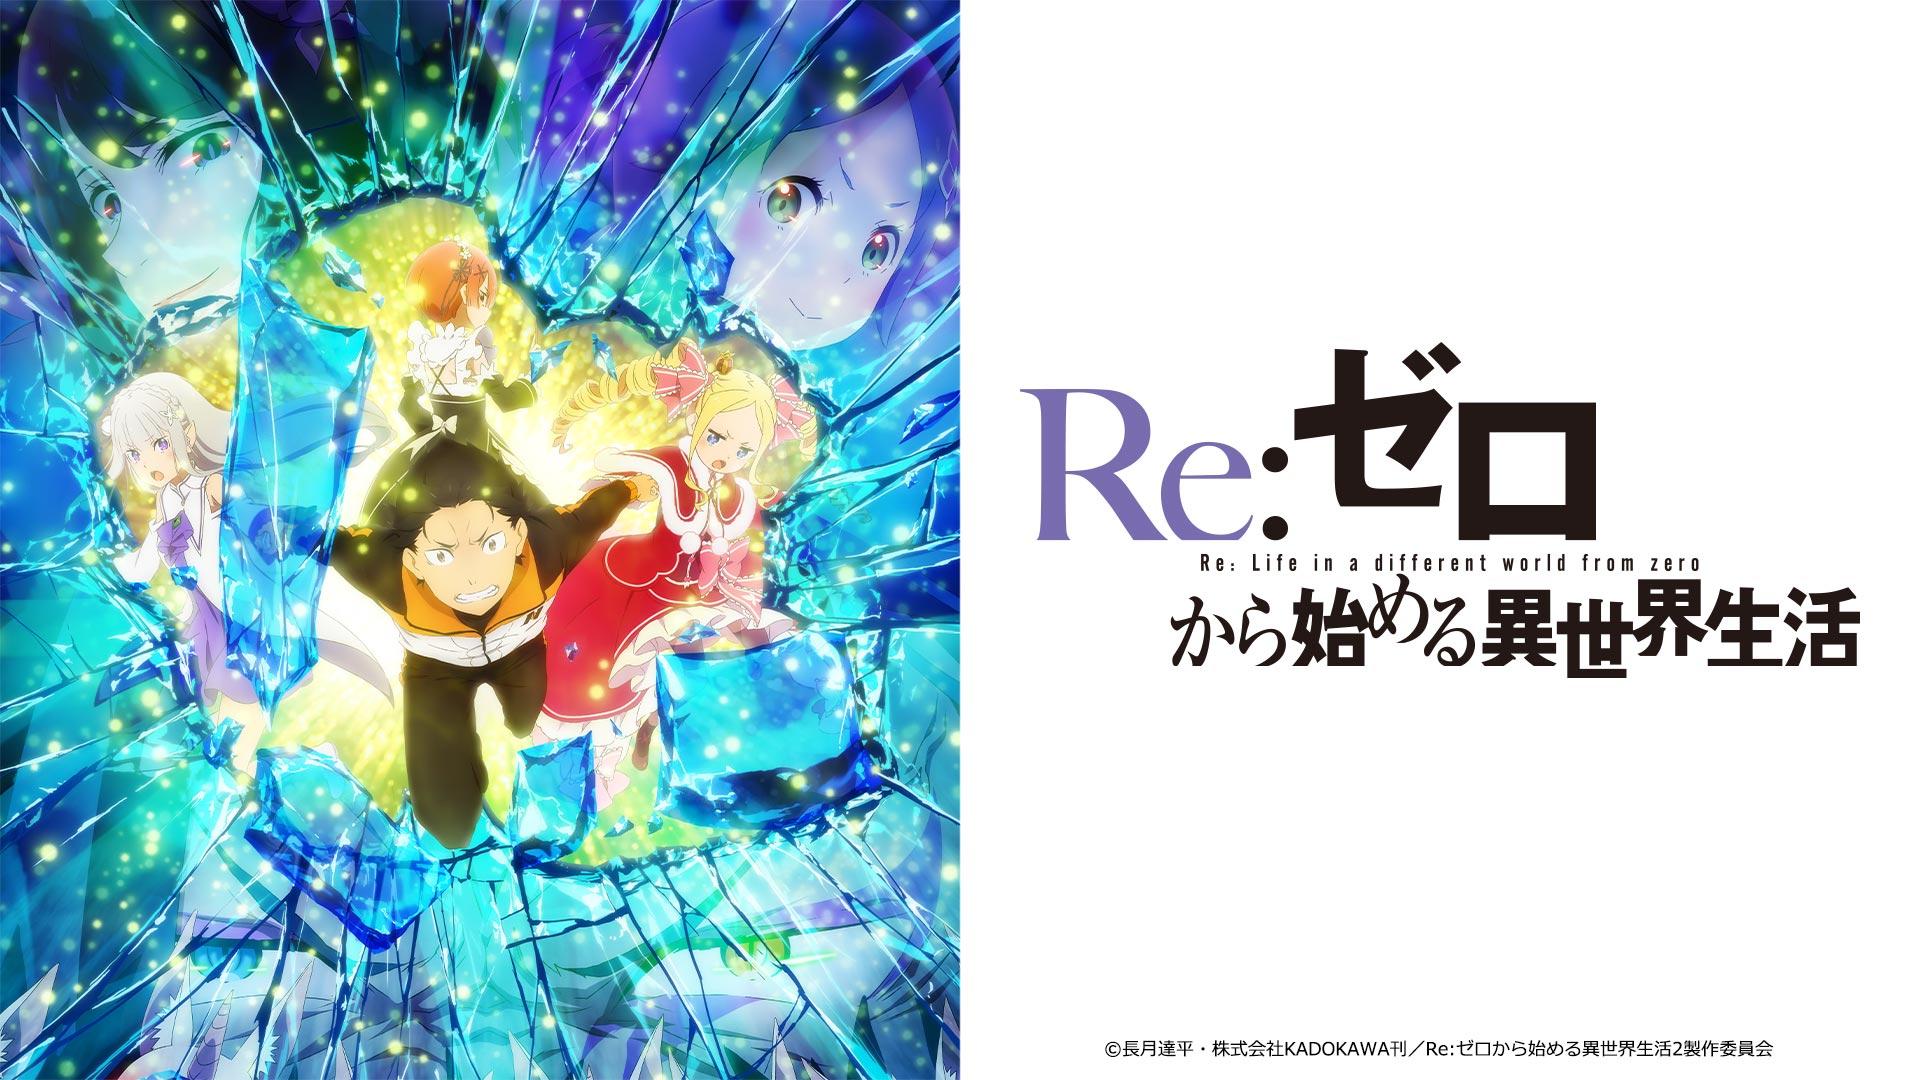 「Re:ゼロから始める異世界生活」の7月登場アイテムを公開!